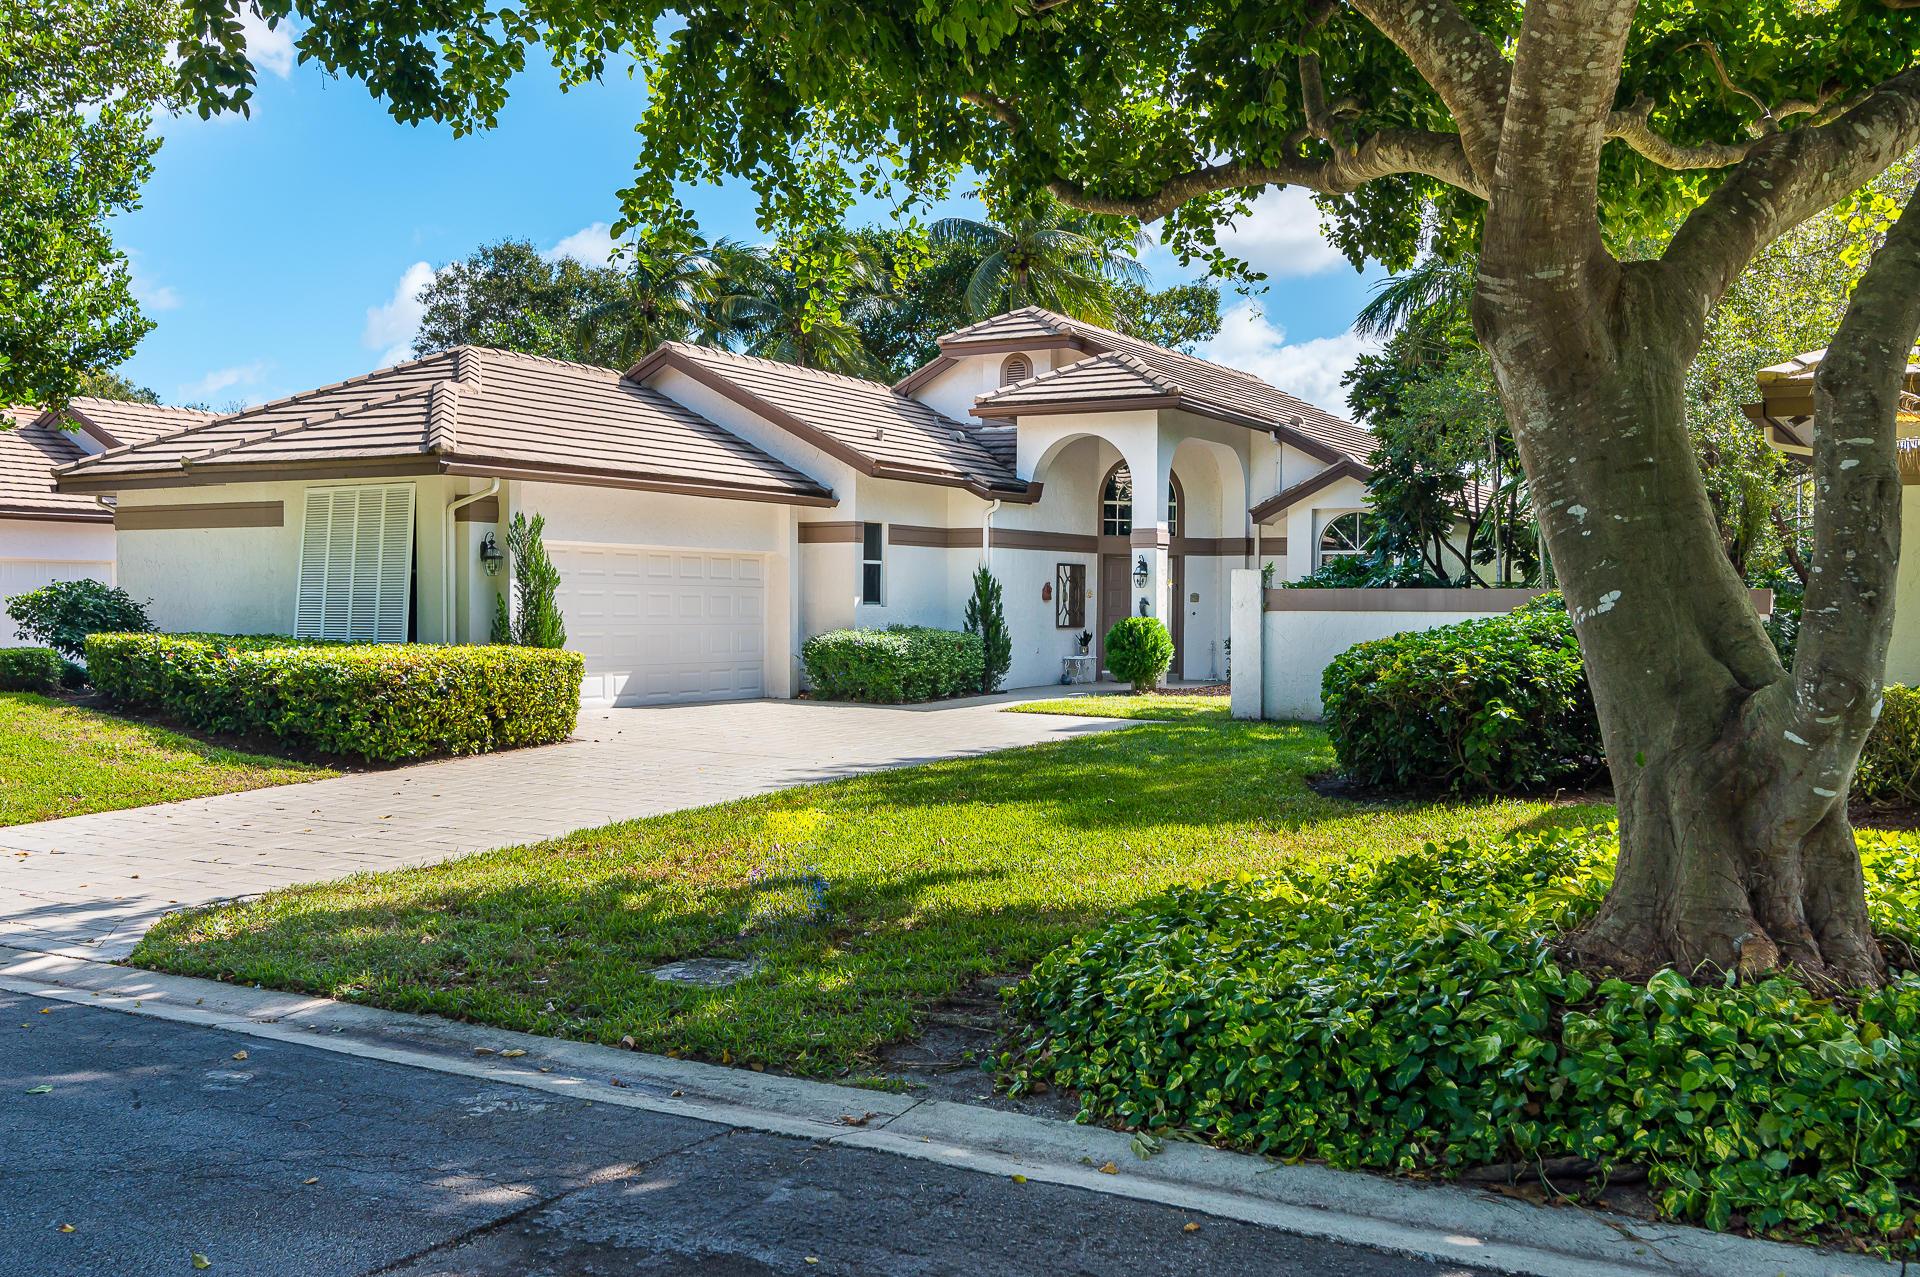 5386 NW 20th Avenue - 33496 - FL - Boca Raton